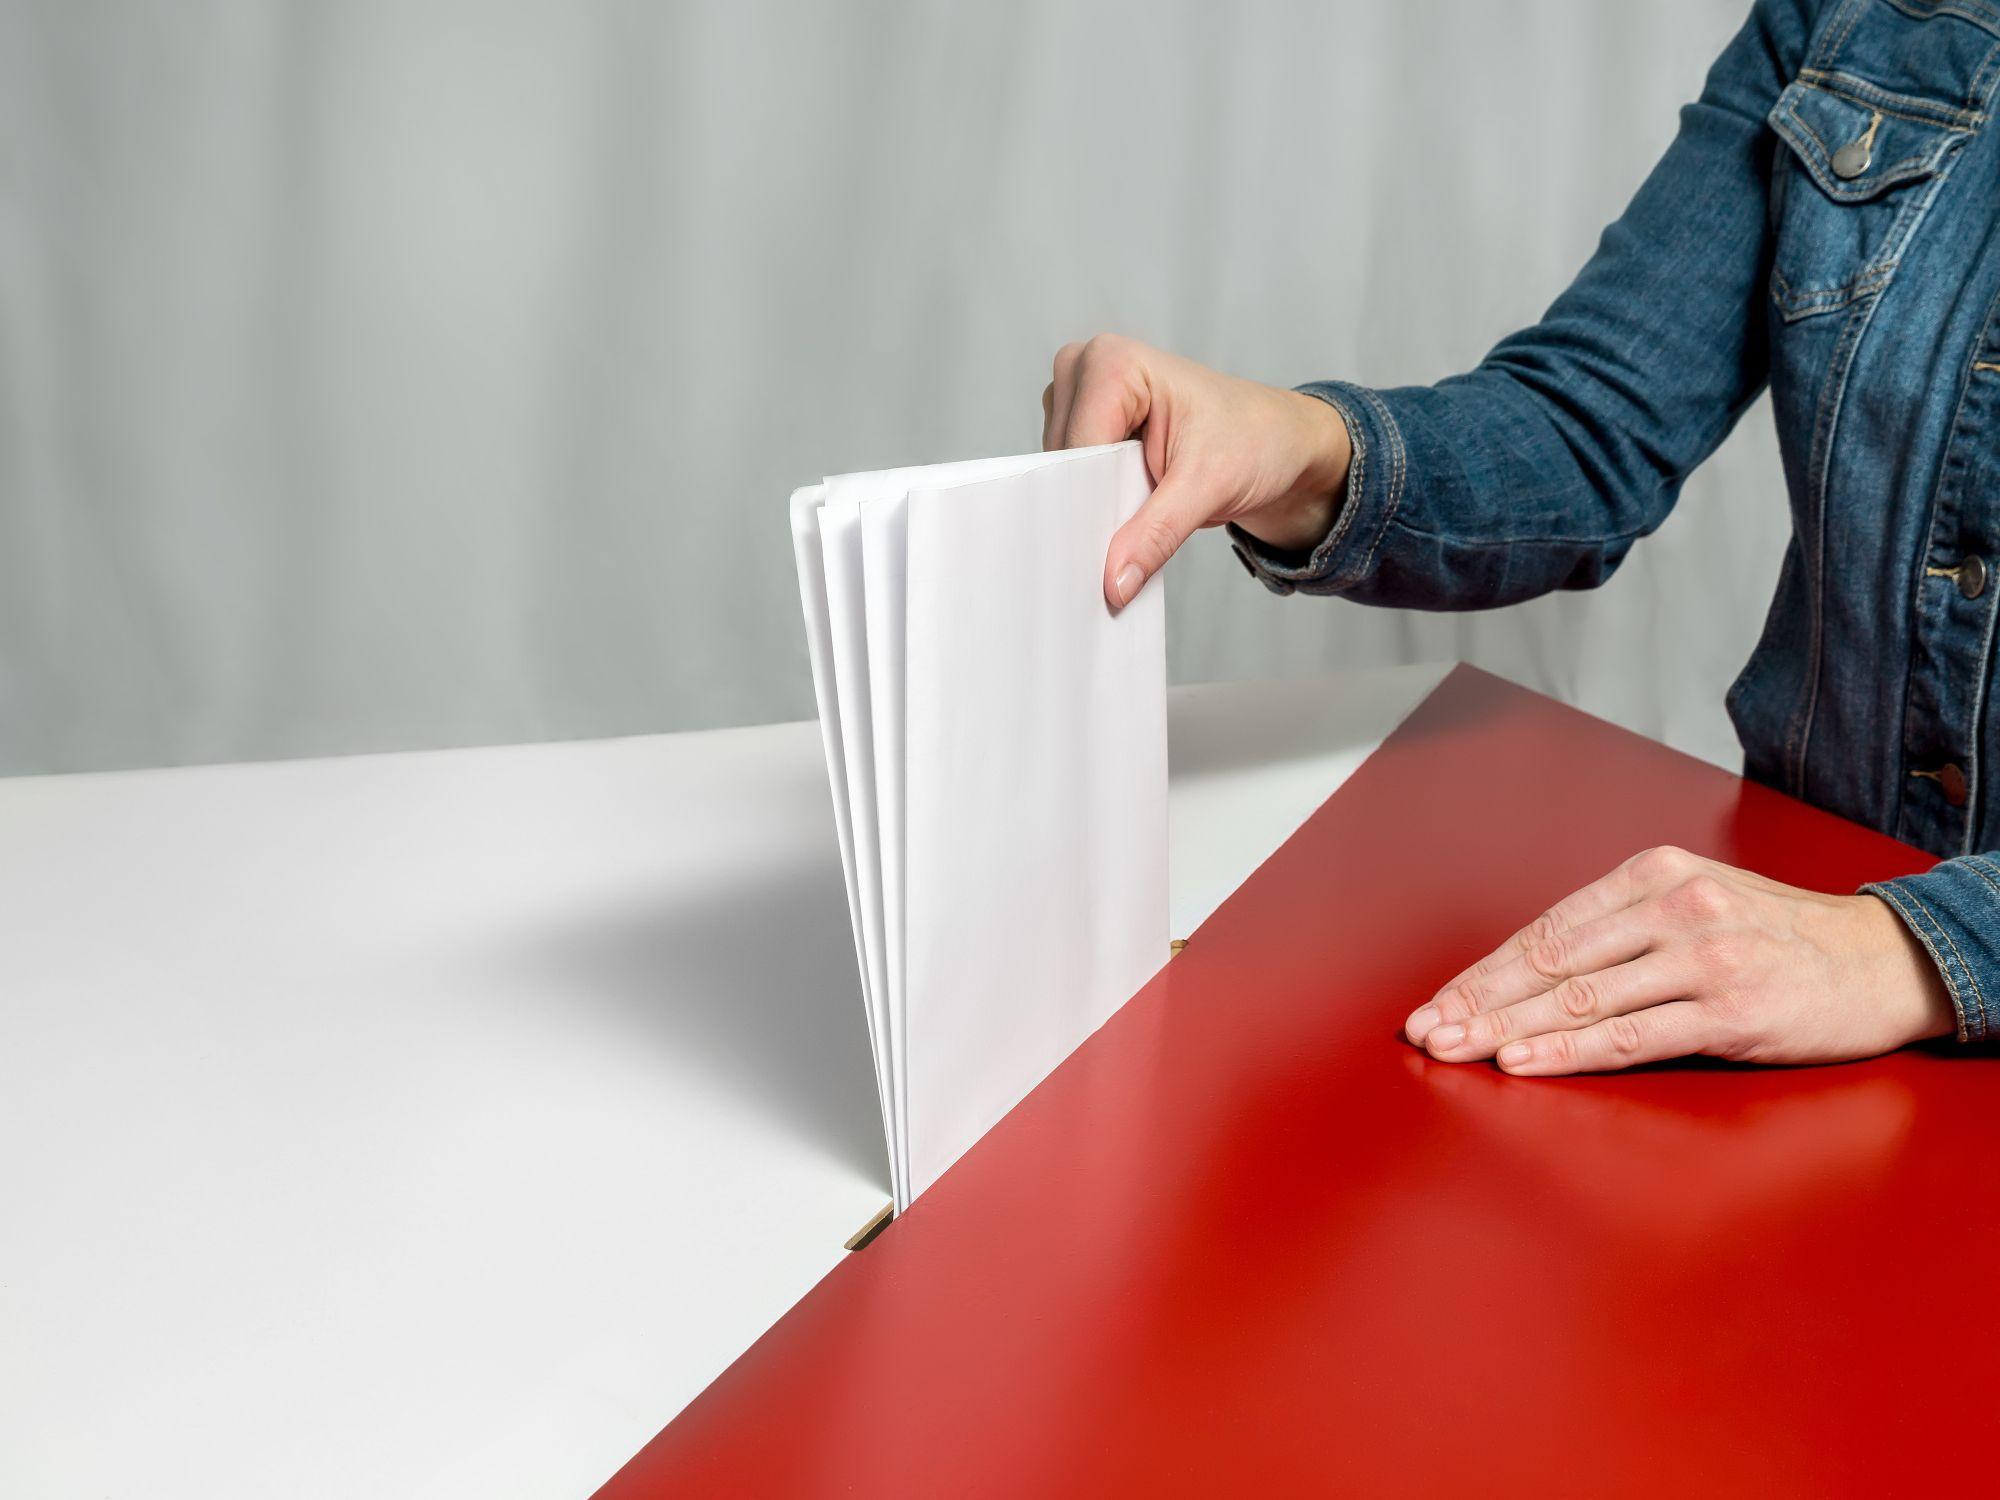 Nowelizacja Kodeksu Wyborczego: Ustawa wprowadza dwa rodzaje komisji obwodowych: jedną ds. przeprowadzenia głosowania i drugą ds. ustalenia wyników głosowania. (fot.shutterstock)